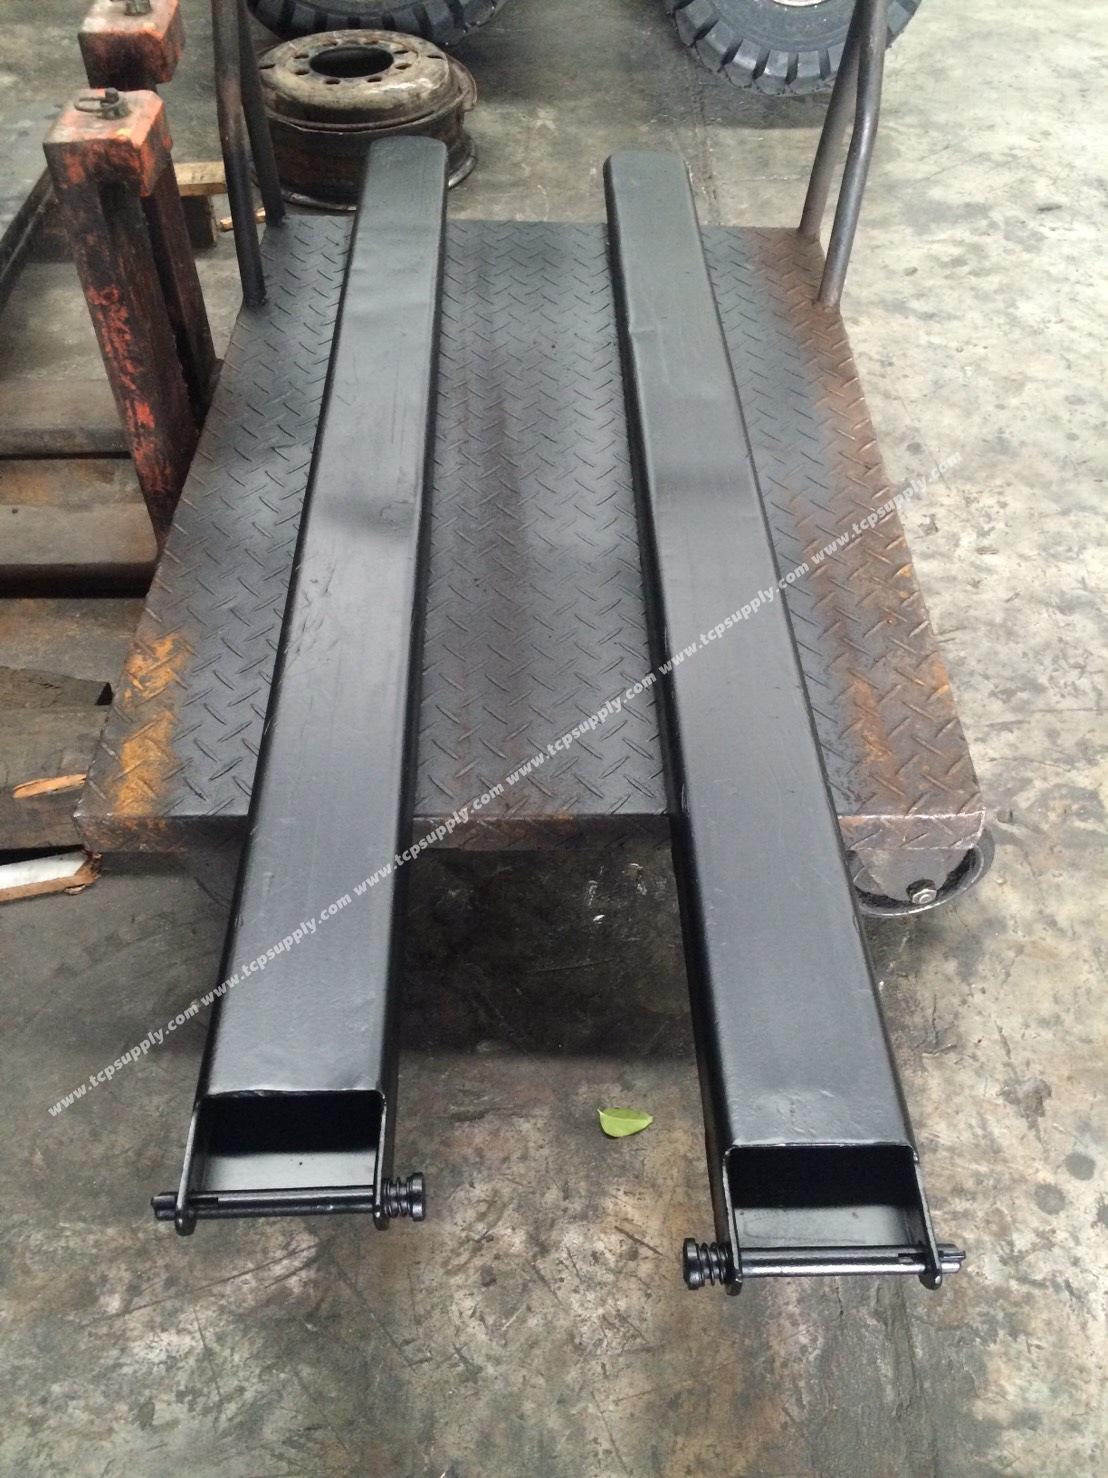 ปลอกงา / Forklift fork extensions